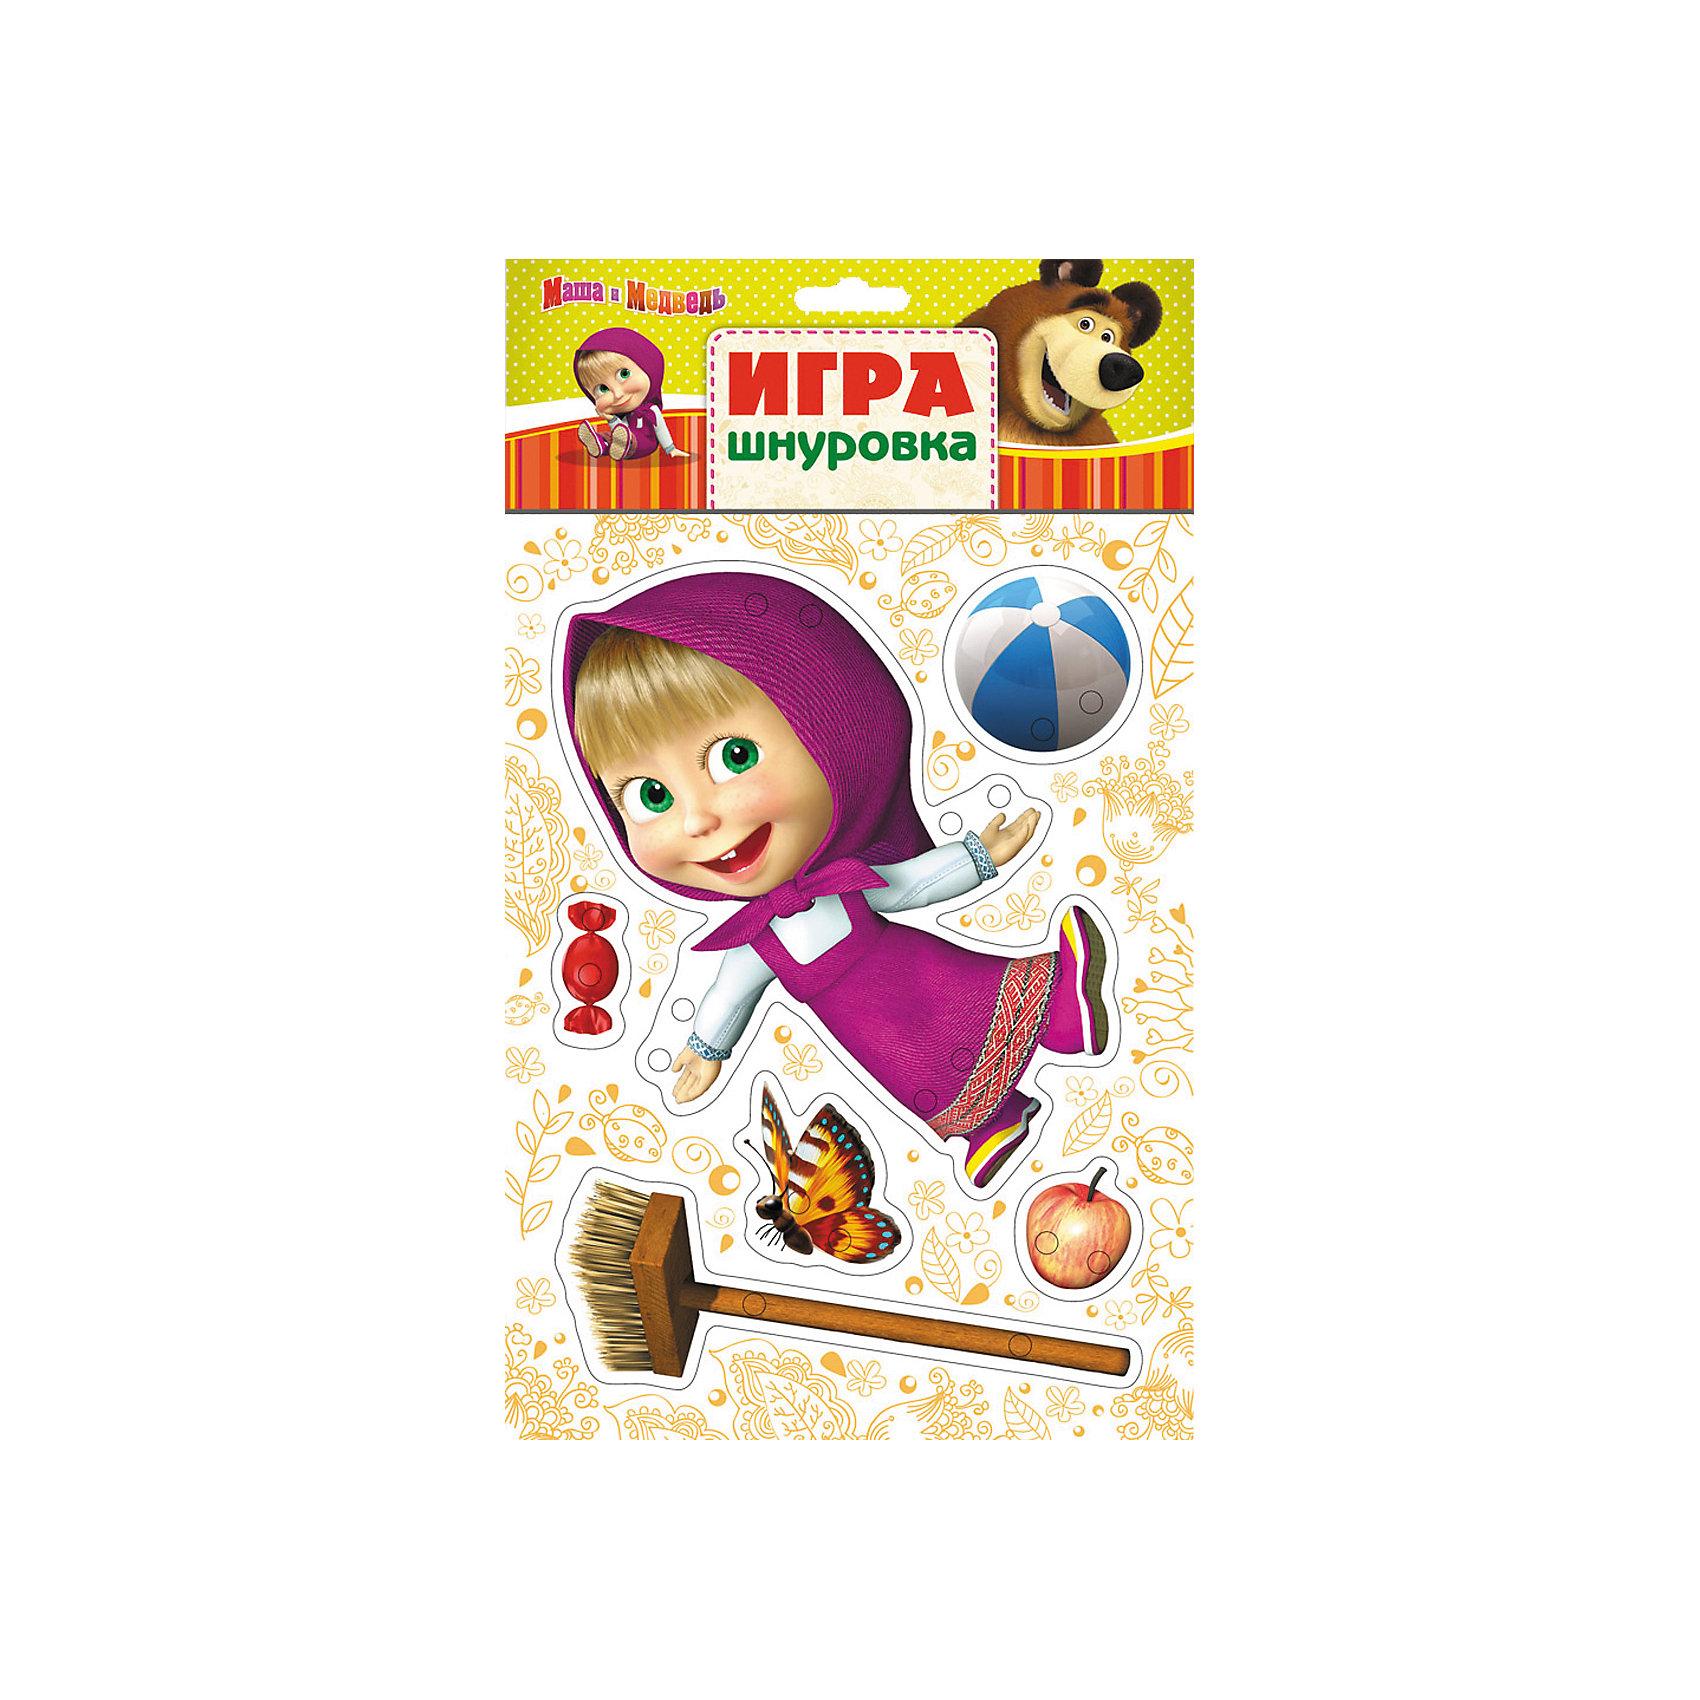 Шнуровка Маша, Маша и МедведьХарактеристики товара:<br><br>- цвет: разноцветный;<br>- материал: картон;<br>- количество страниц: 1;<br>- формат: 29,0 x 17,0 см;<br>- возраст: 3+.<br><br>Развивающие игры и книги – неотъемлемая часть здорового детства малыша. Улучшить мелкую моторику помогают занятия с мелкими деталями. Игра – шнуровка – безусловный лидер в данной области. На плотном картоне есть отверстия, сквозь которые нужно продет шнурок и создать свою неповторимую модель. Главная тема игрушки – герои популярного детского мультфильма. Все материалы, использованные при производстве издания, соответствуют всем стандартам качества и безопасности. <br><br>Издание Шнуровка Маша, Маша и Медведь от компании Росмэн можно приобрести в нашем интернет-магазине.<br><br>Ширина мм: 285<br>Глубина мм: 170<br>Высота мм: 2<br>Вес г: 60<br>Возраст от месяцев: 24<br>Возраст до месяцев: 36<br>Пол: Унисекс<br>Возраст: Детский<br>SKU: 3434605